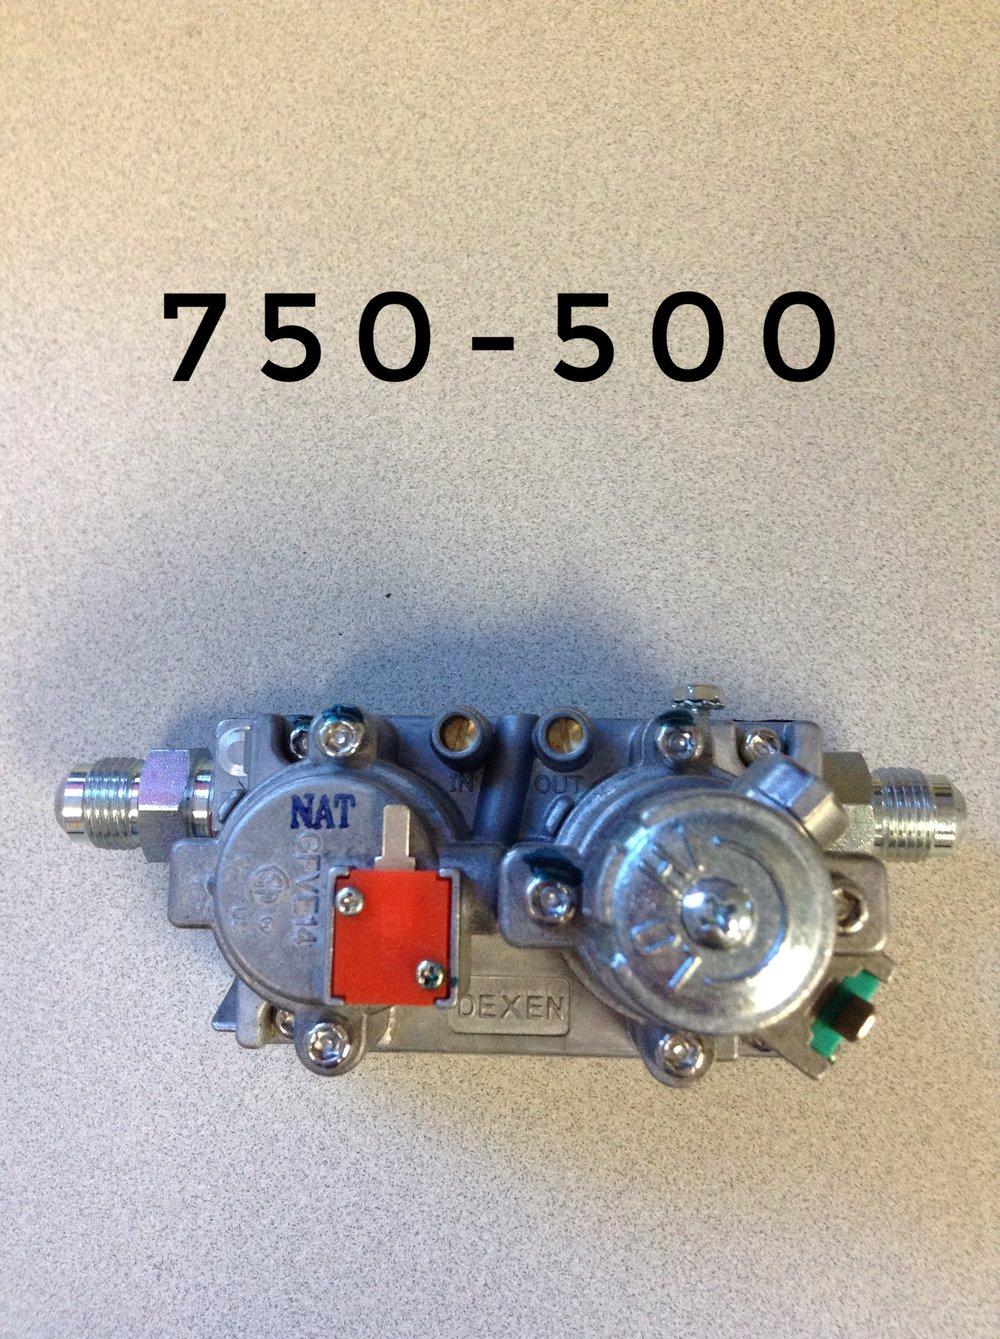 750-500 (1).JPG